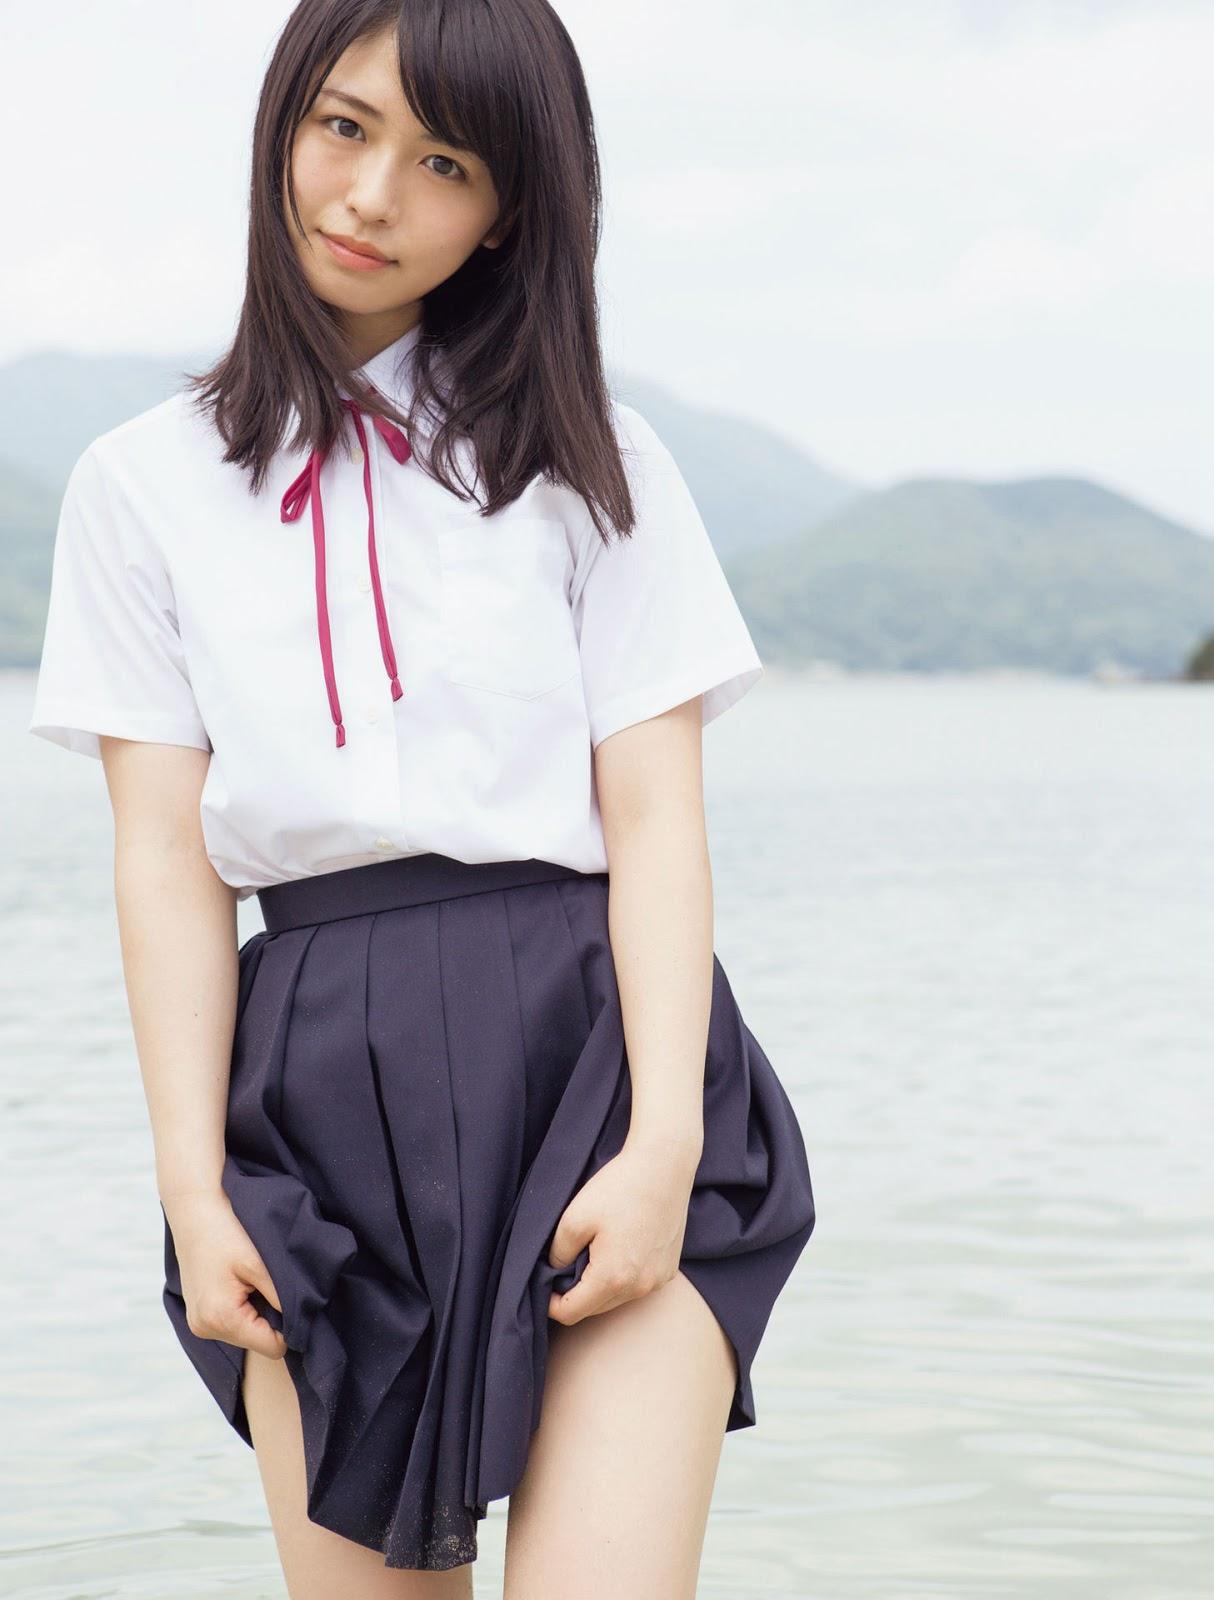 Nagahama Neru 長濱ねる, FRIDAY 2017.11.24 (フライデー 2017年11月24日号)